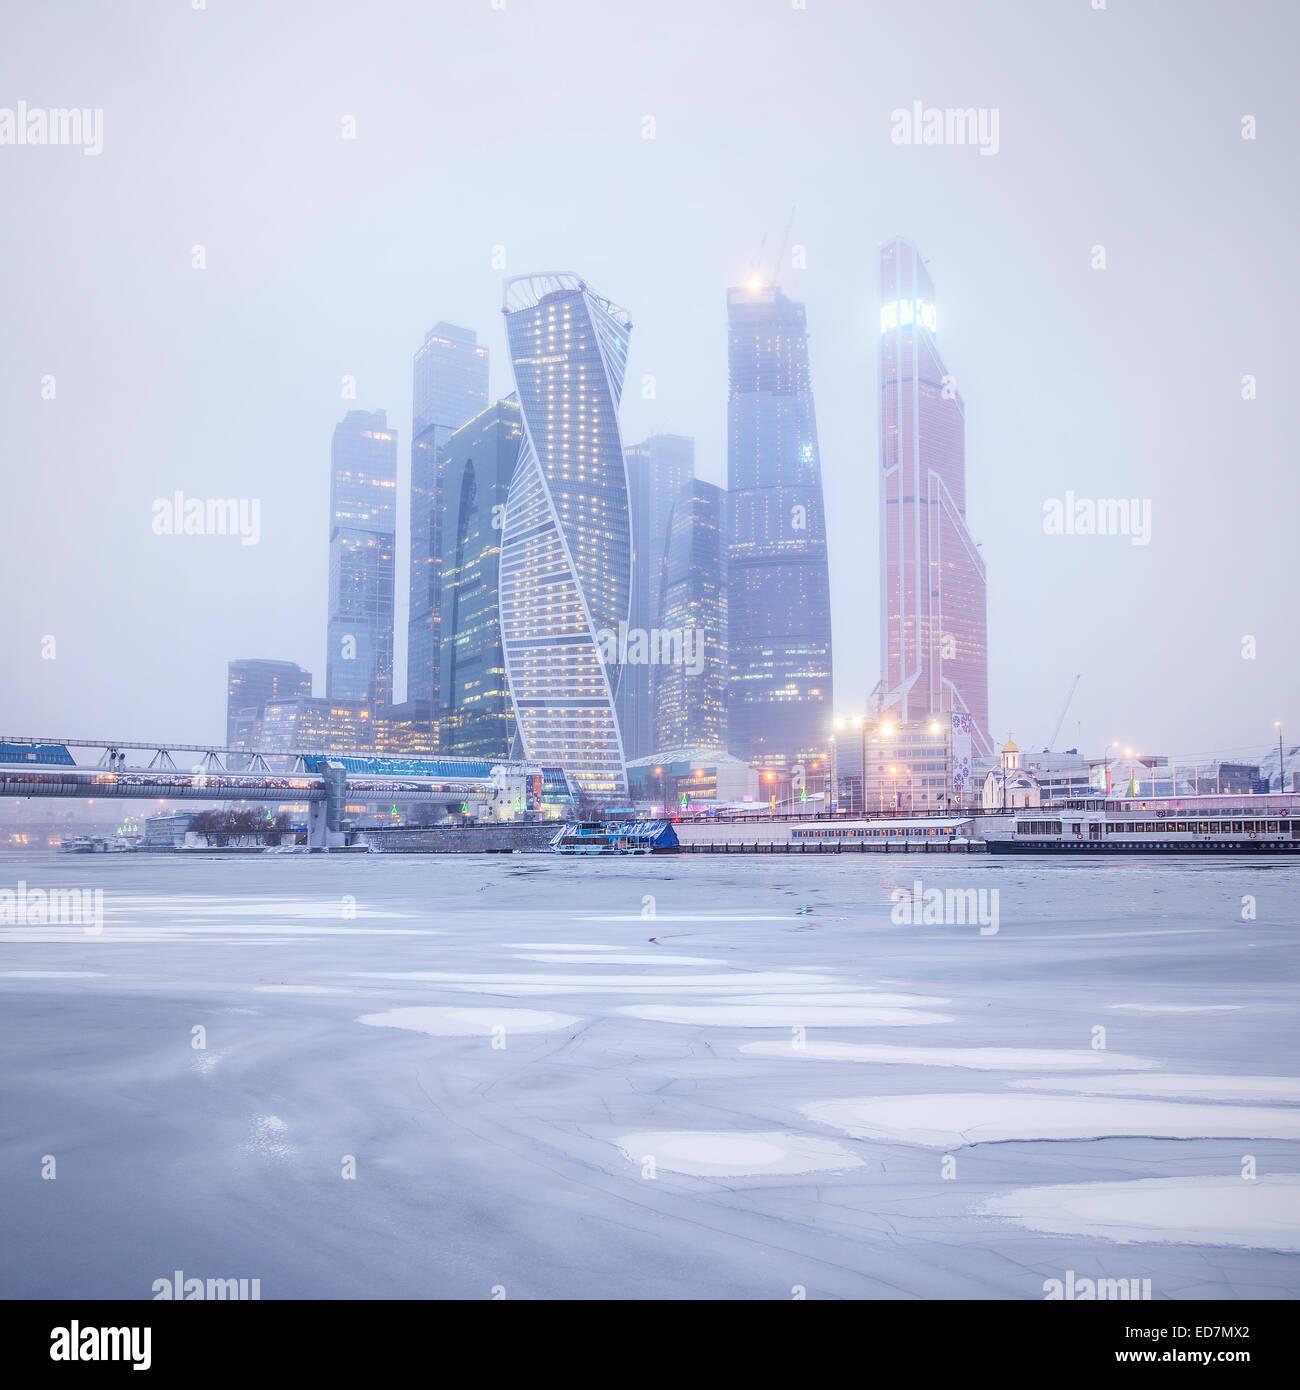 Vista invernale del centro business sotto la neve e nebbia. Mosca. La Russia. Immagini Stock